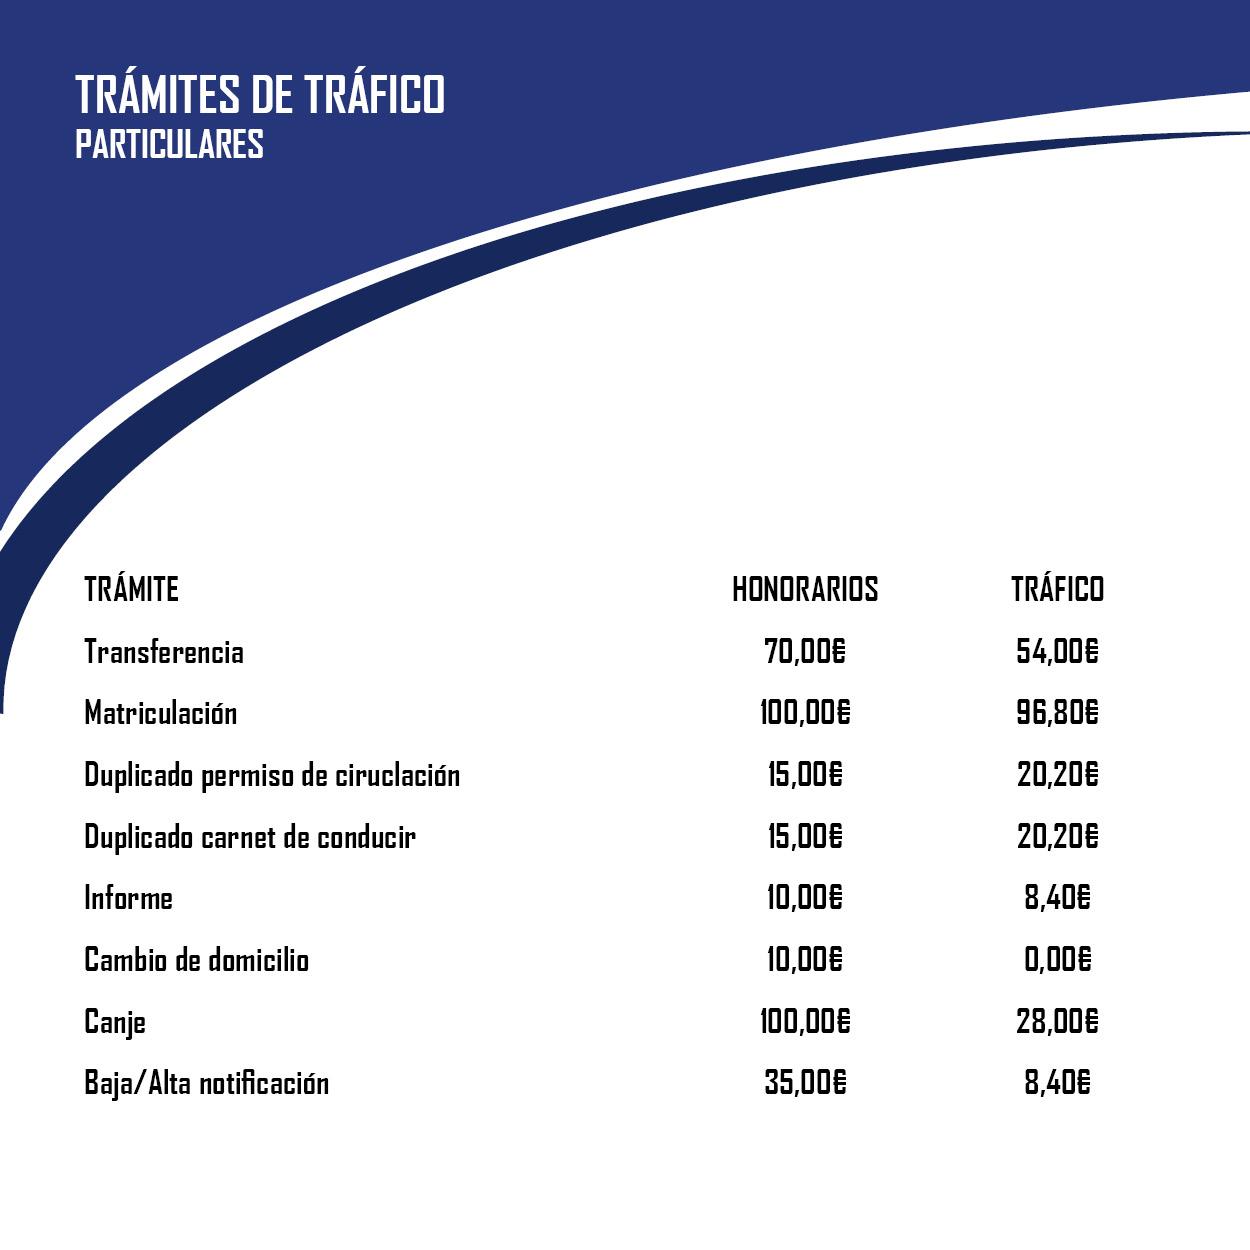 tarifas_diapo_estandar_trafico4